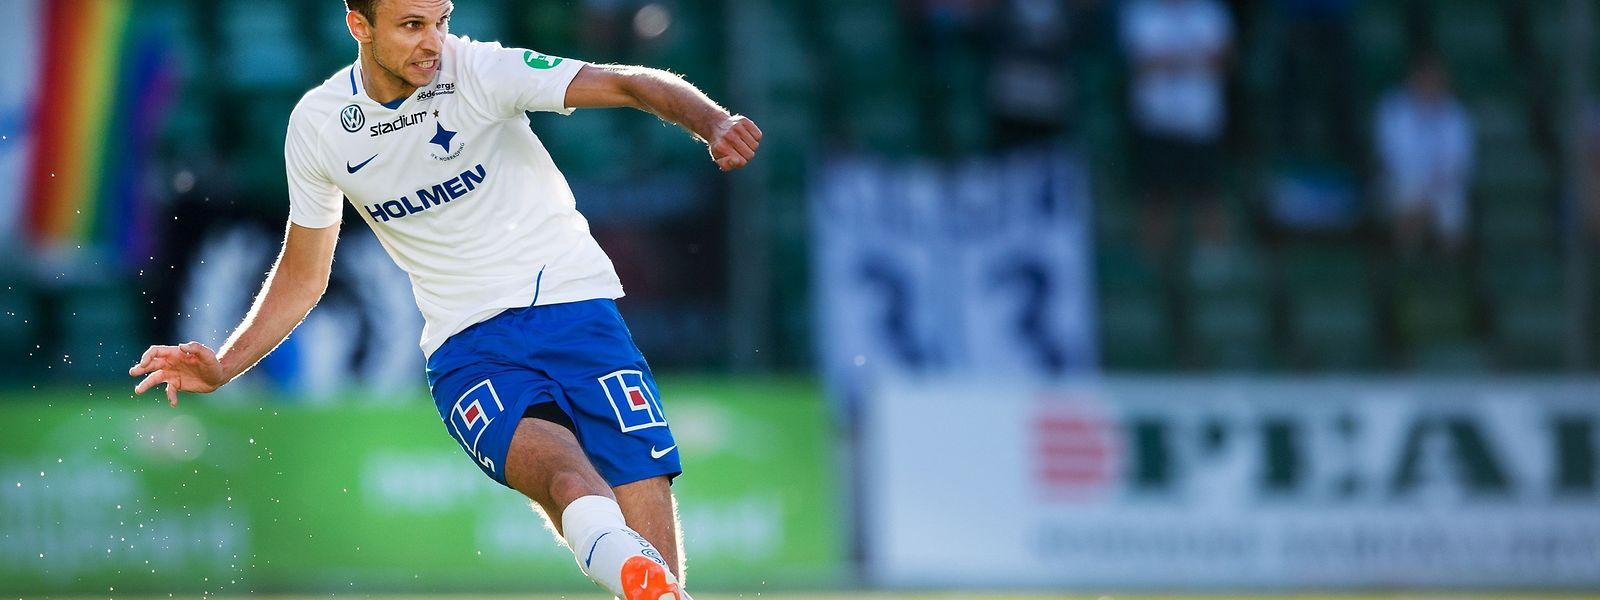 Lars Gerson a disputé le choc de la 2e journée du championnat de Suède avec l'IFK Norrköping face à l'AIK Stockholm